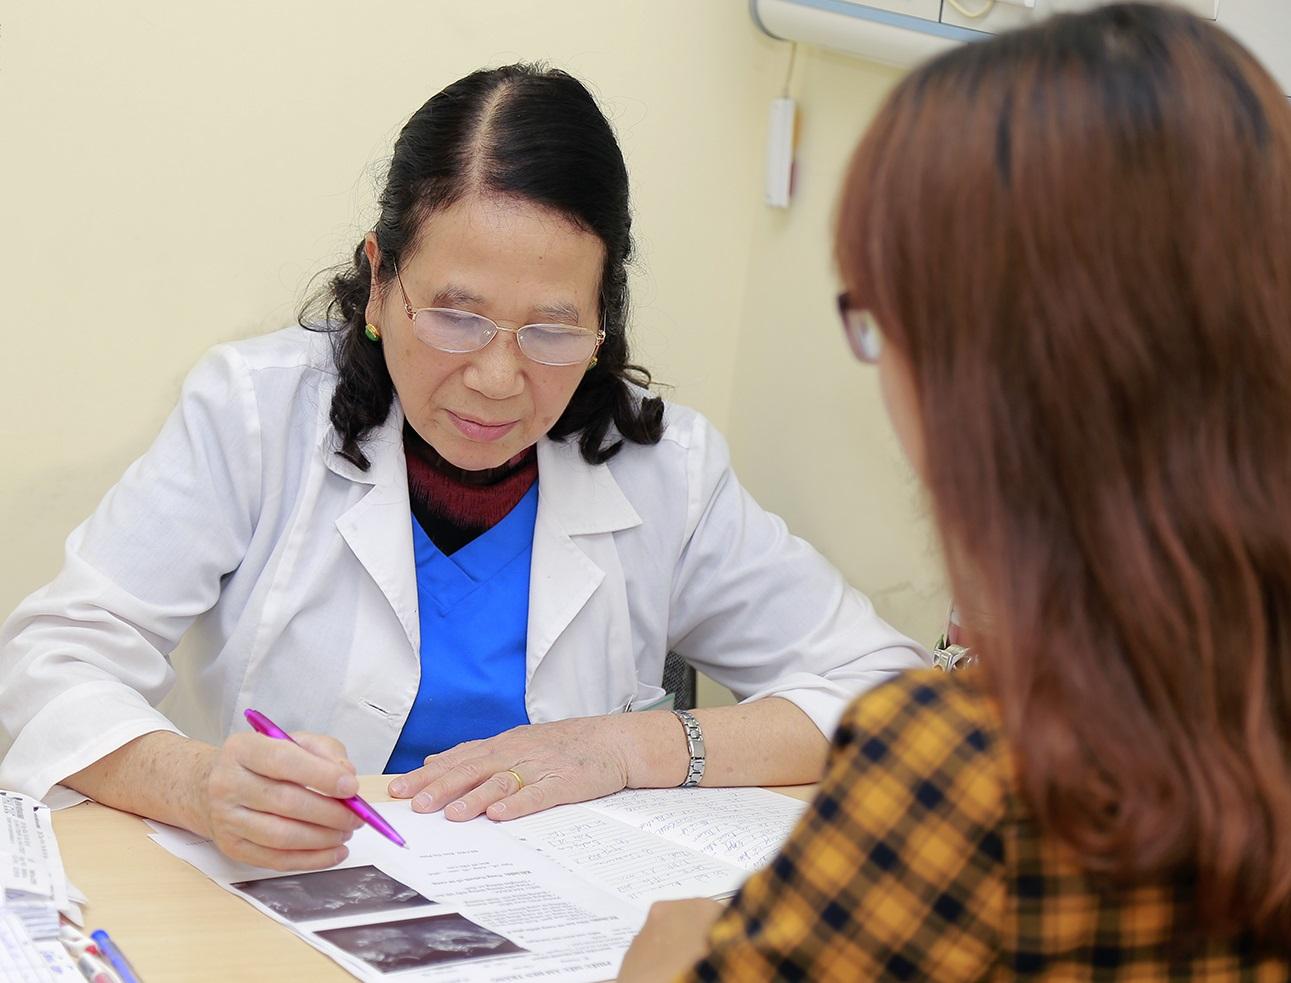 Phòng khám phụ khoa có bác sĩ nữ ở đâu?